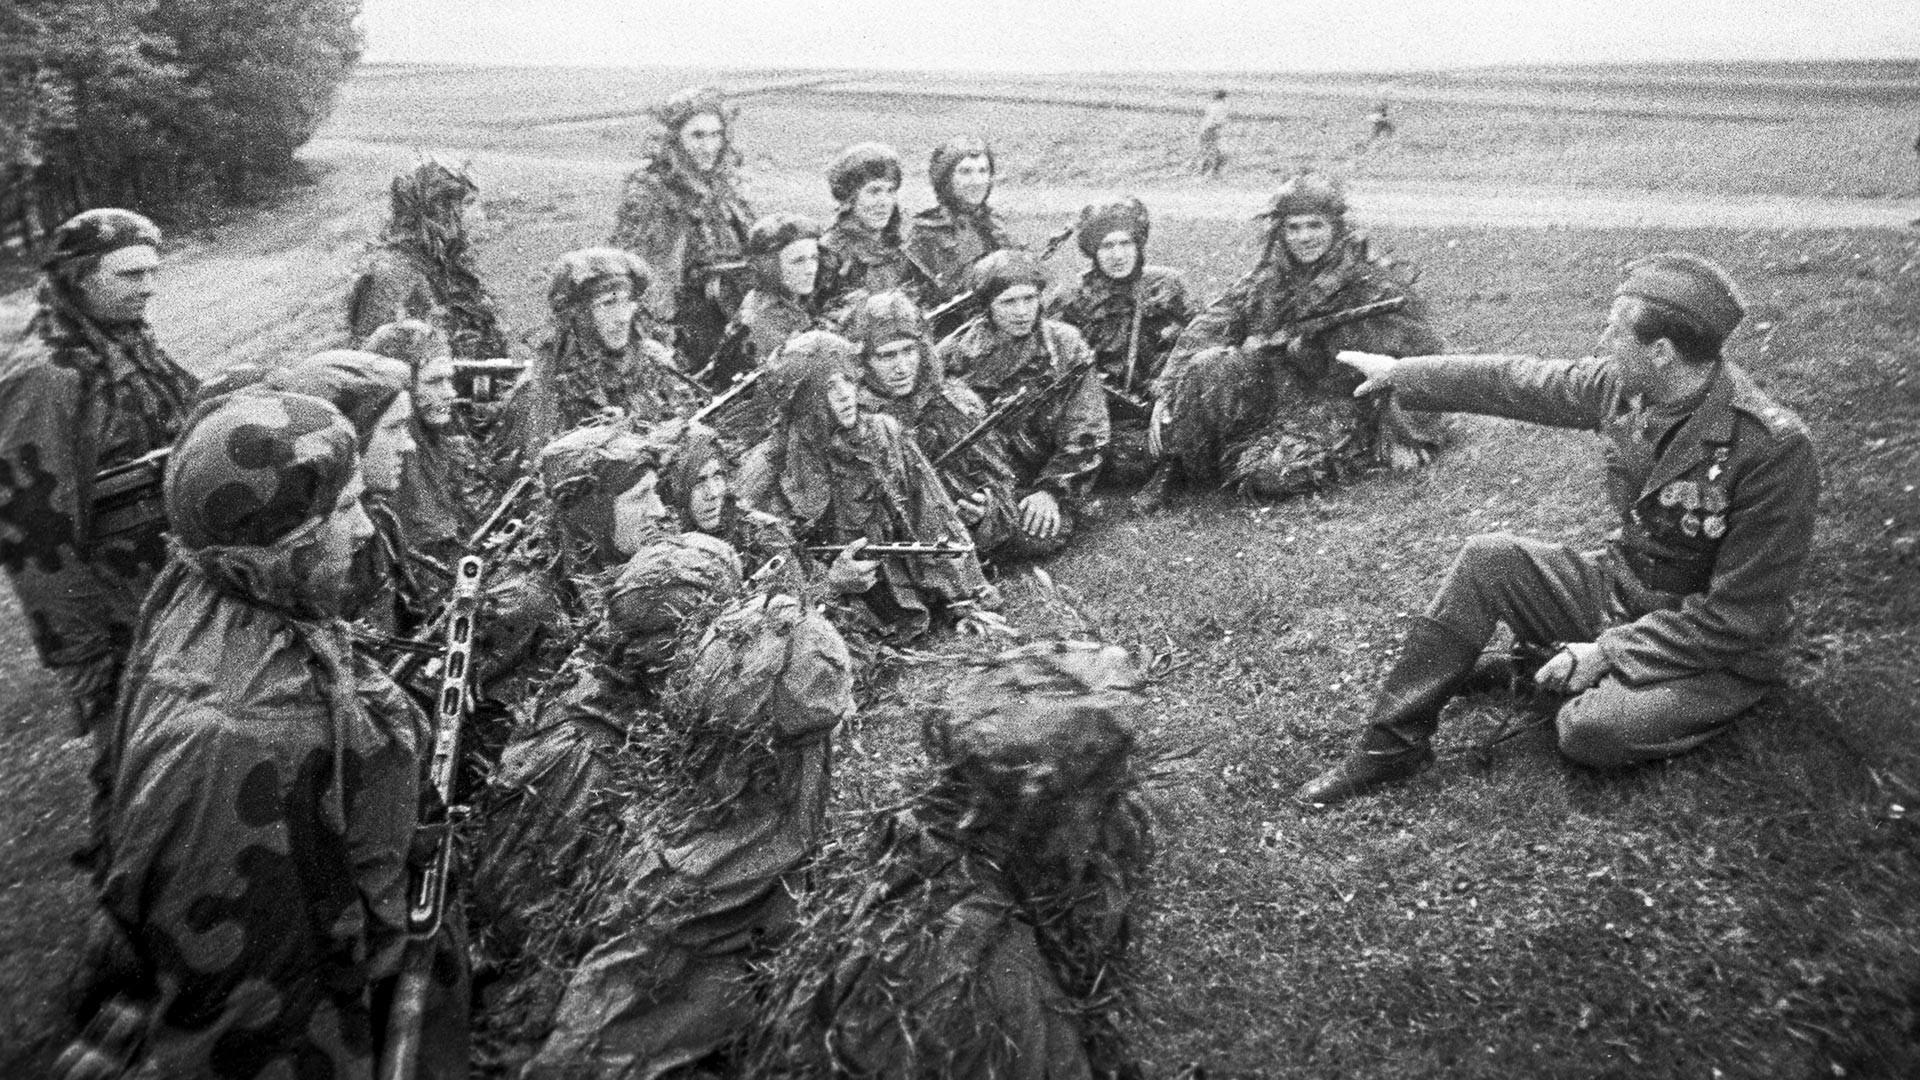 Soldaten des 1. Tschechoslowakischen Unabhängigen Bataillons.